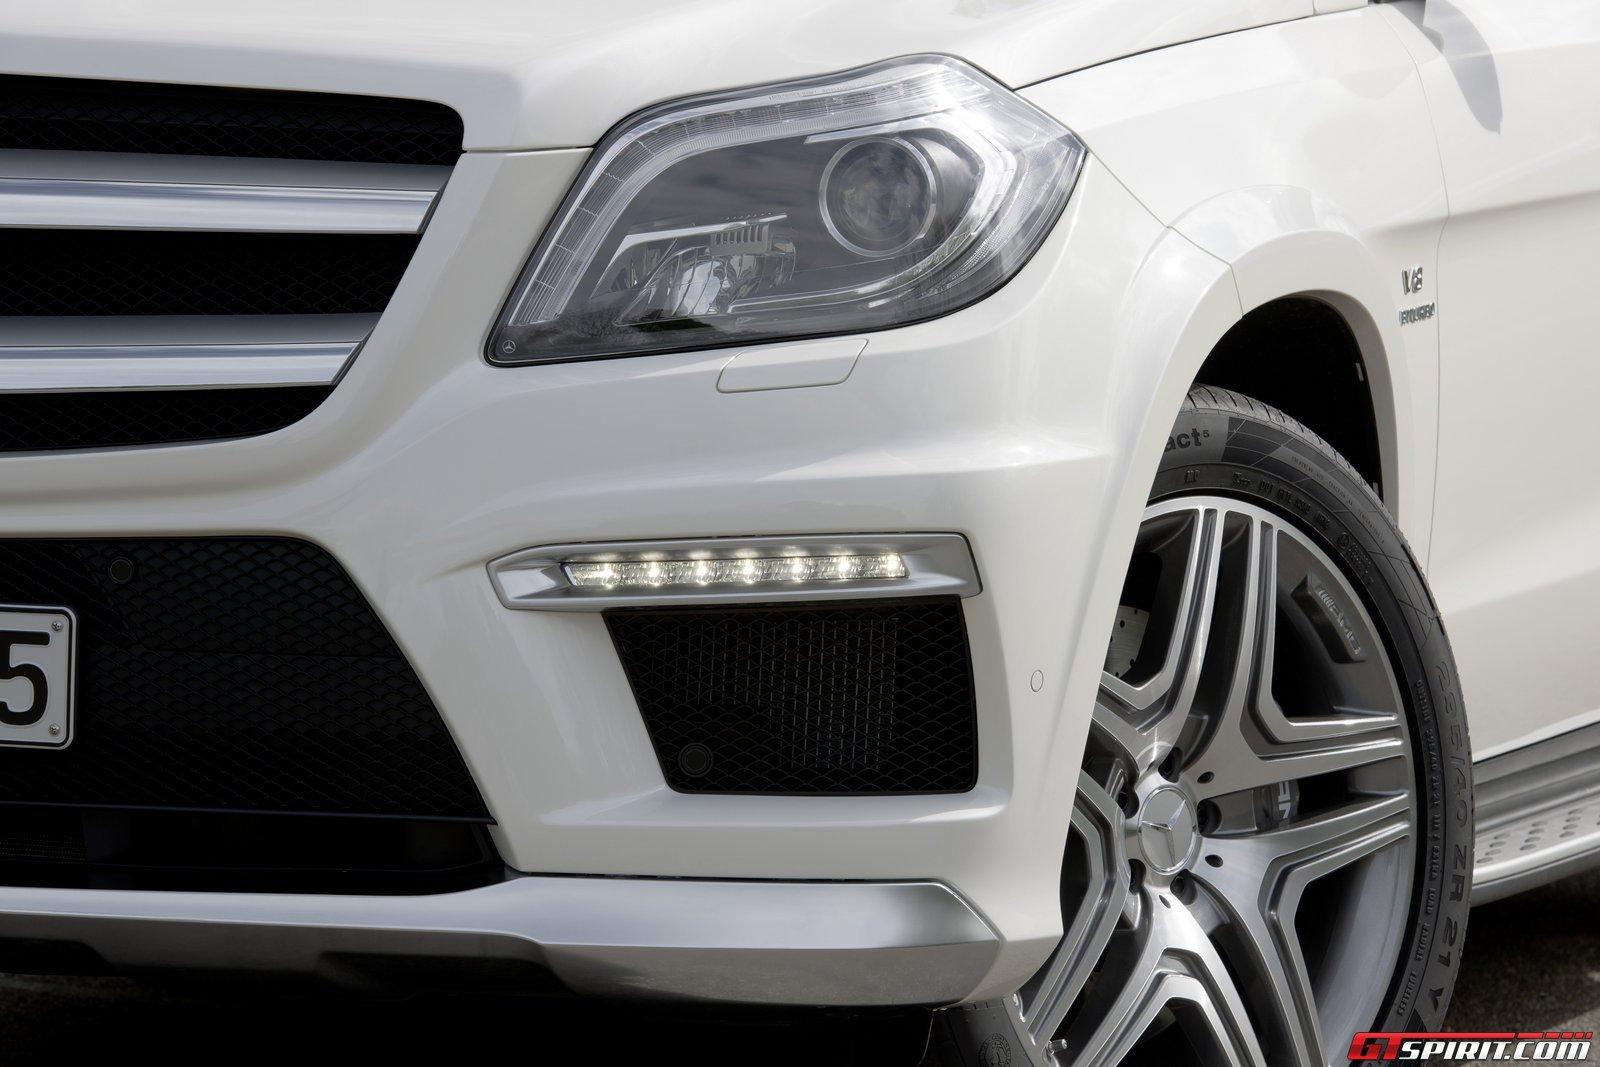 2014 Mercedes-Benz GL 63 AMG Review - GTspirit